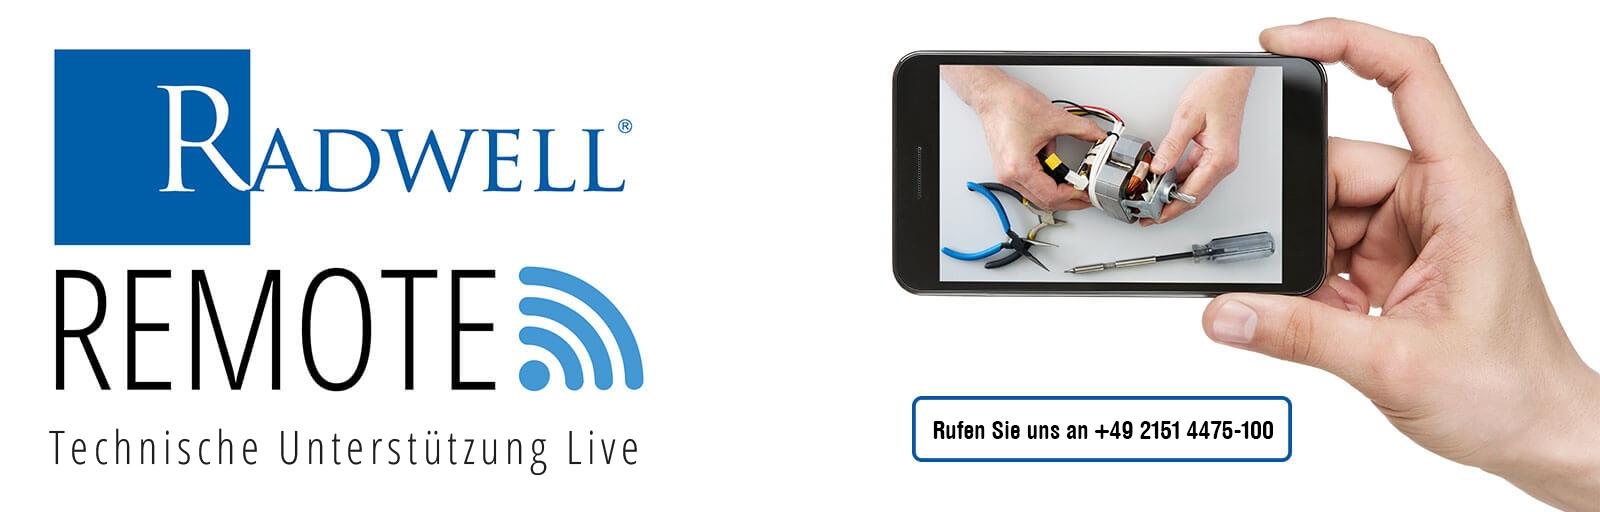 radwell-remote-technische-unterstutzung-live